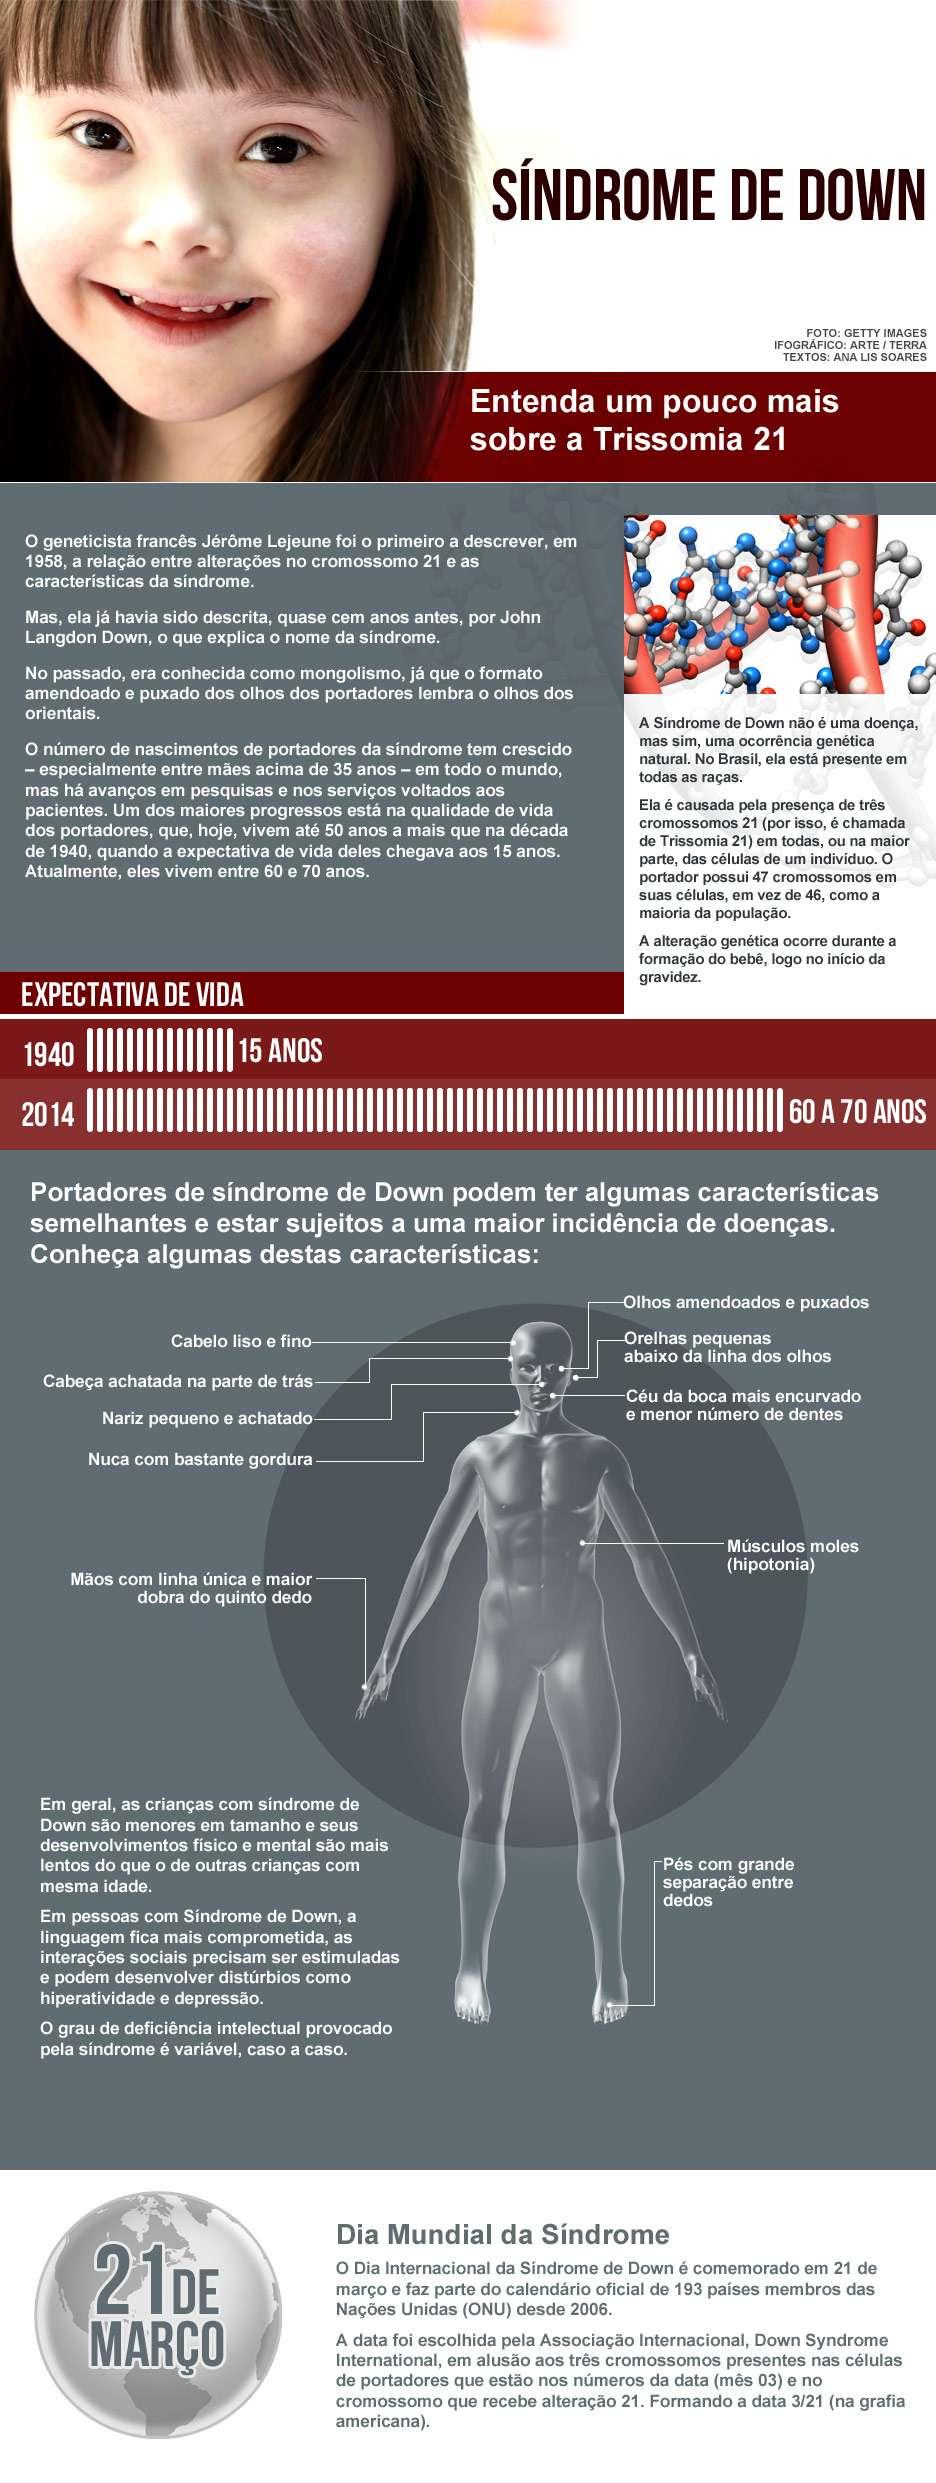 Sindrome de down, arte terra, infografico